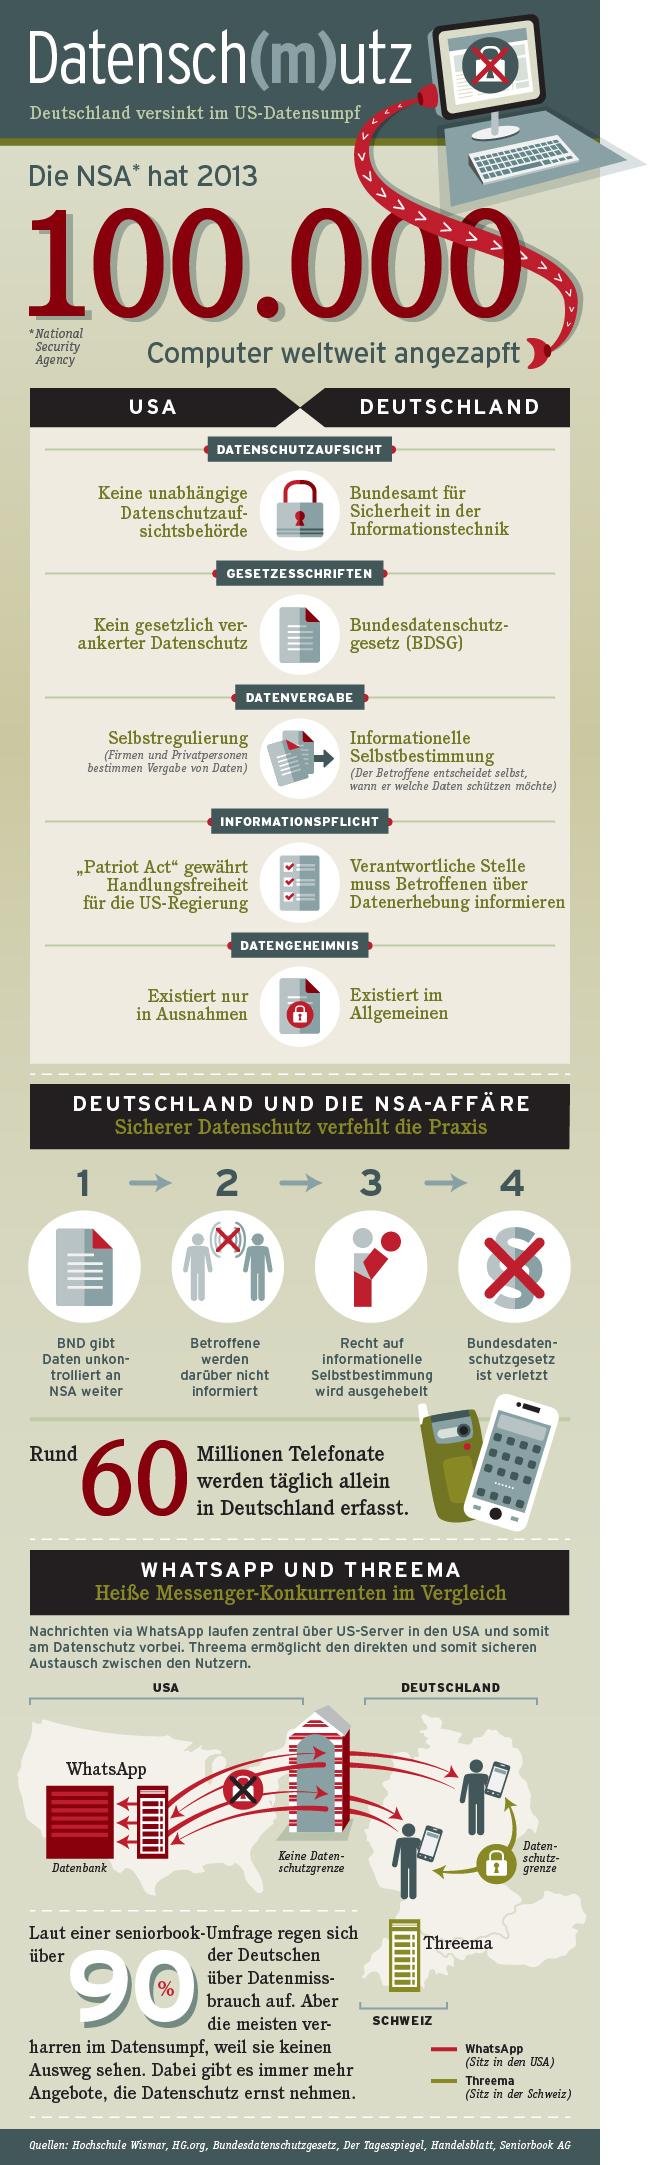 IG_Datenschutz_72